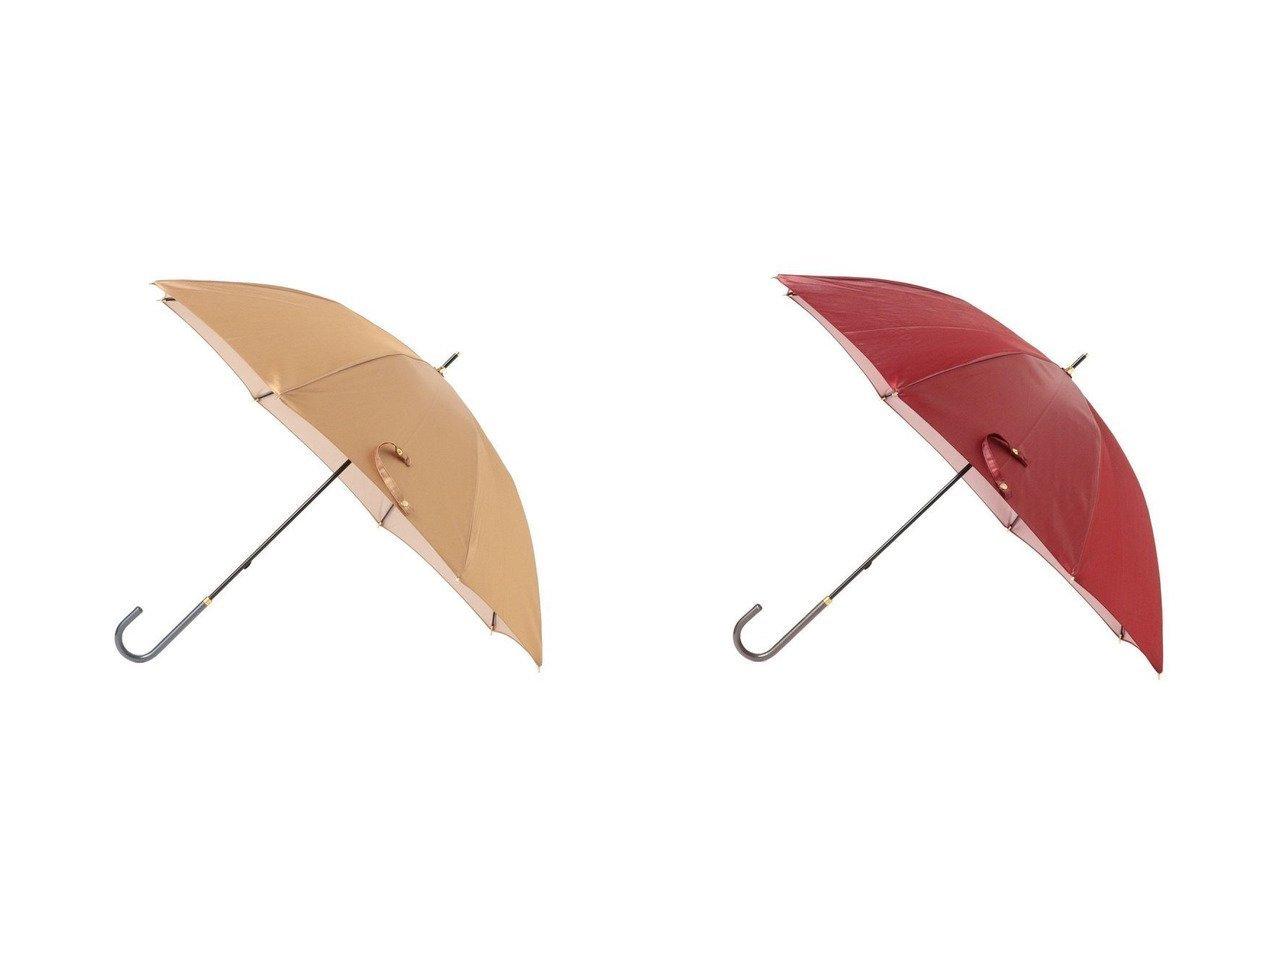 【Demi-Luxe BEAMS/デミルクス ビームス】のDemi- ソリッド晴雨兼用長傘 おすすめ!人気、トレンド・レディースファッションの通販 おすすめで人気の流行・トレンド、ファッションの通販商品 インテリア・家具・メンズファッション・キッズファッション・レディースファッション・服の通販 founy(ファニー) https://founy.com/ ファッション Fashion レディースファッション WOMEN 傘 / レイングッズ Umbrellas/Rainwear フォルム 傘 日傘 |ID:crp329100000061695